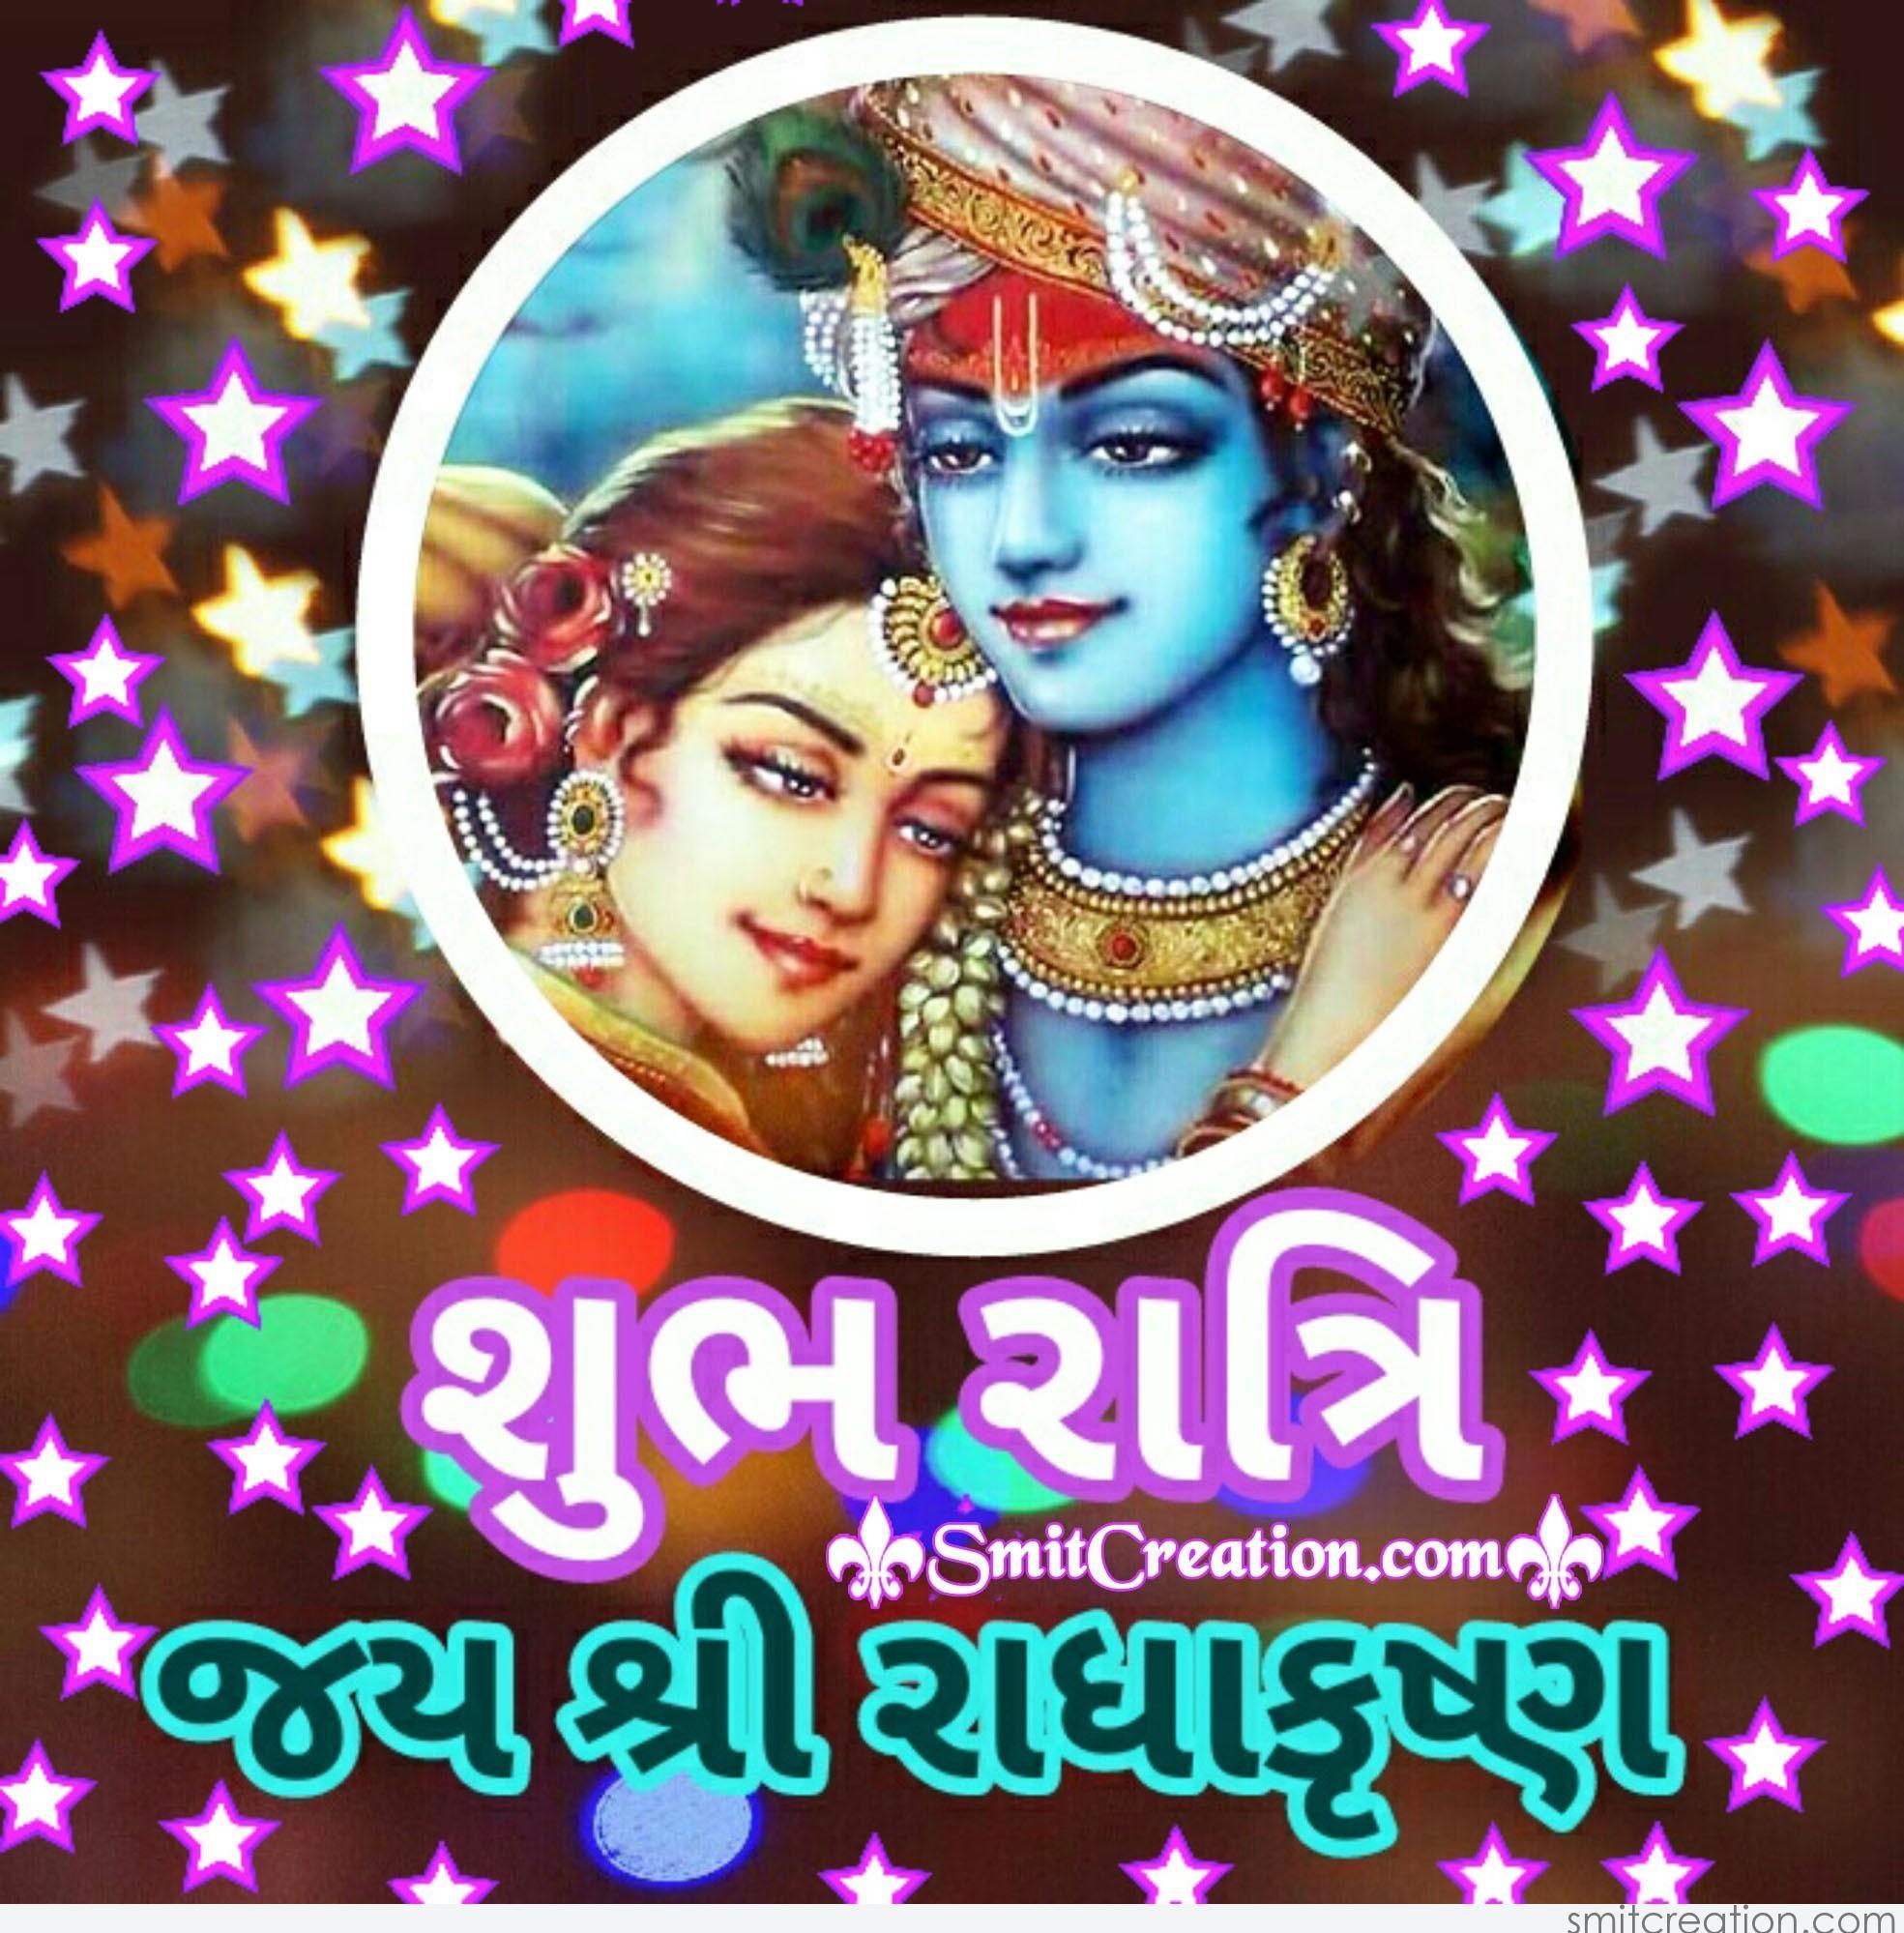 Shubh Ratri Gujarati God (